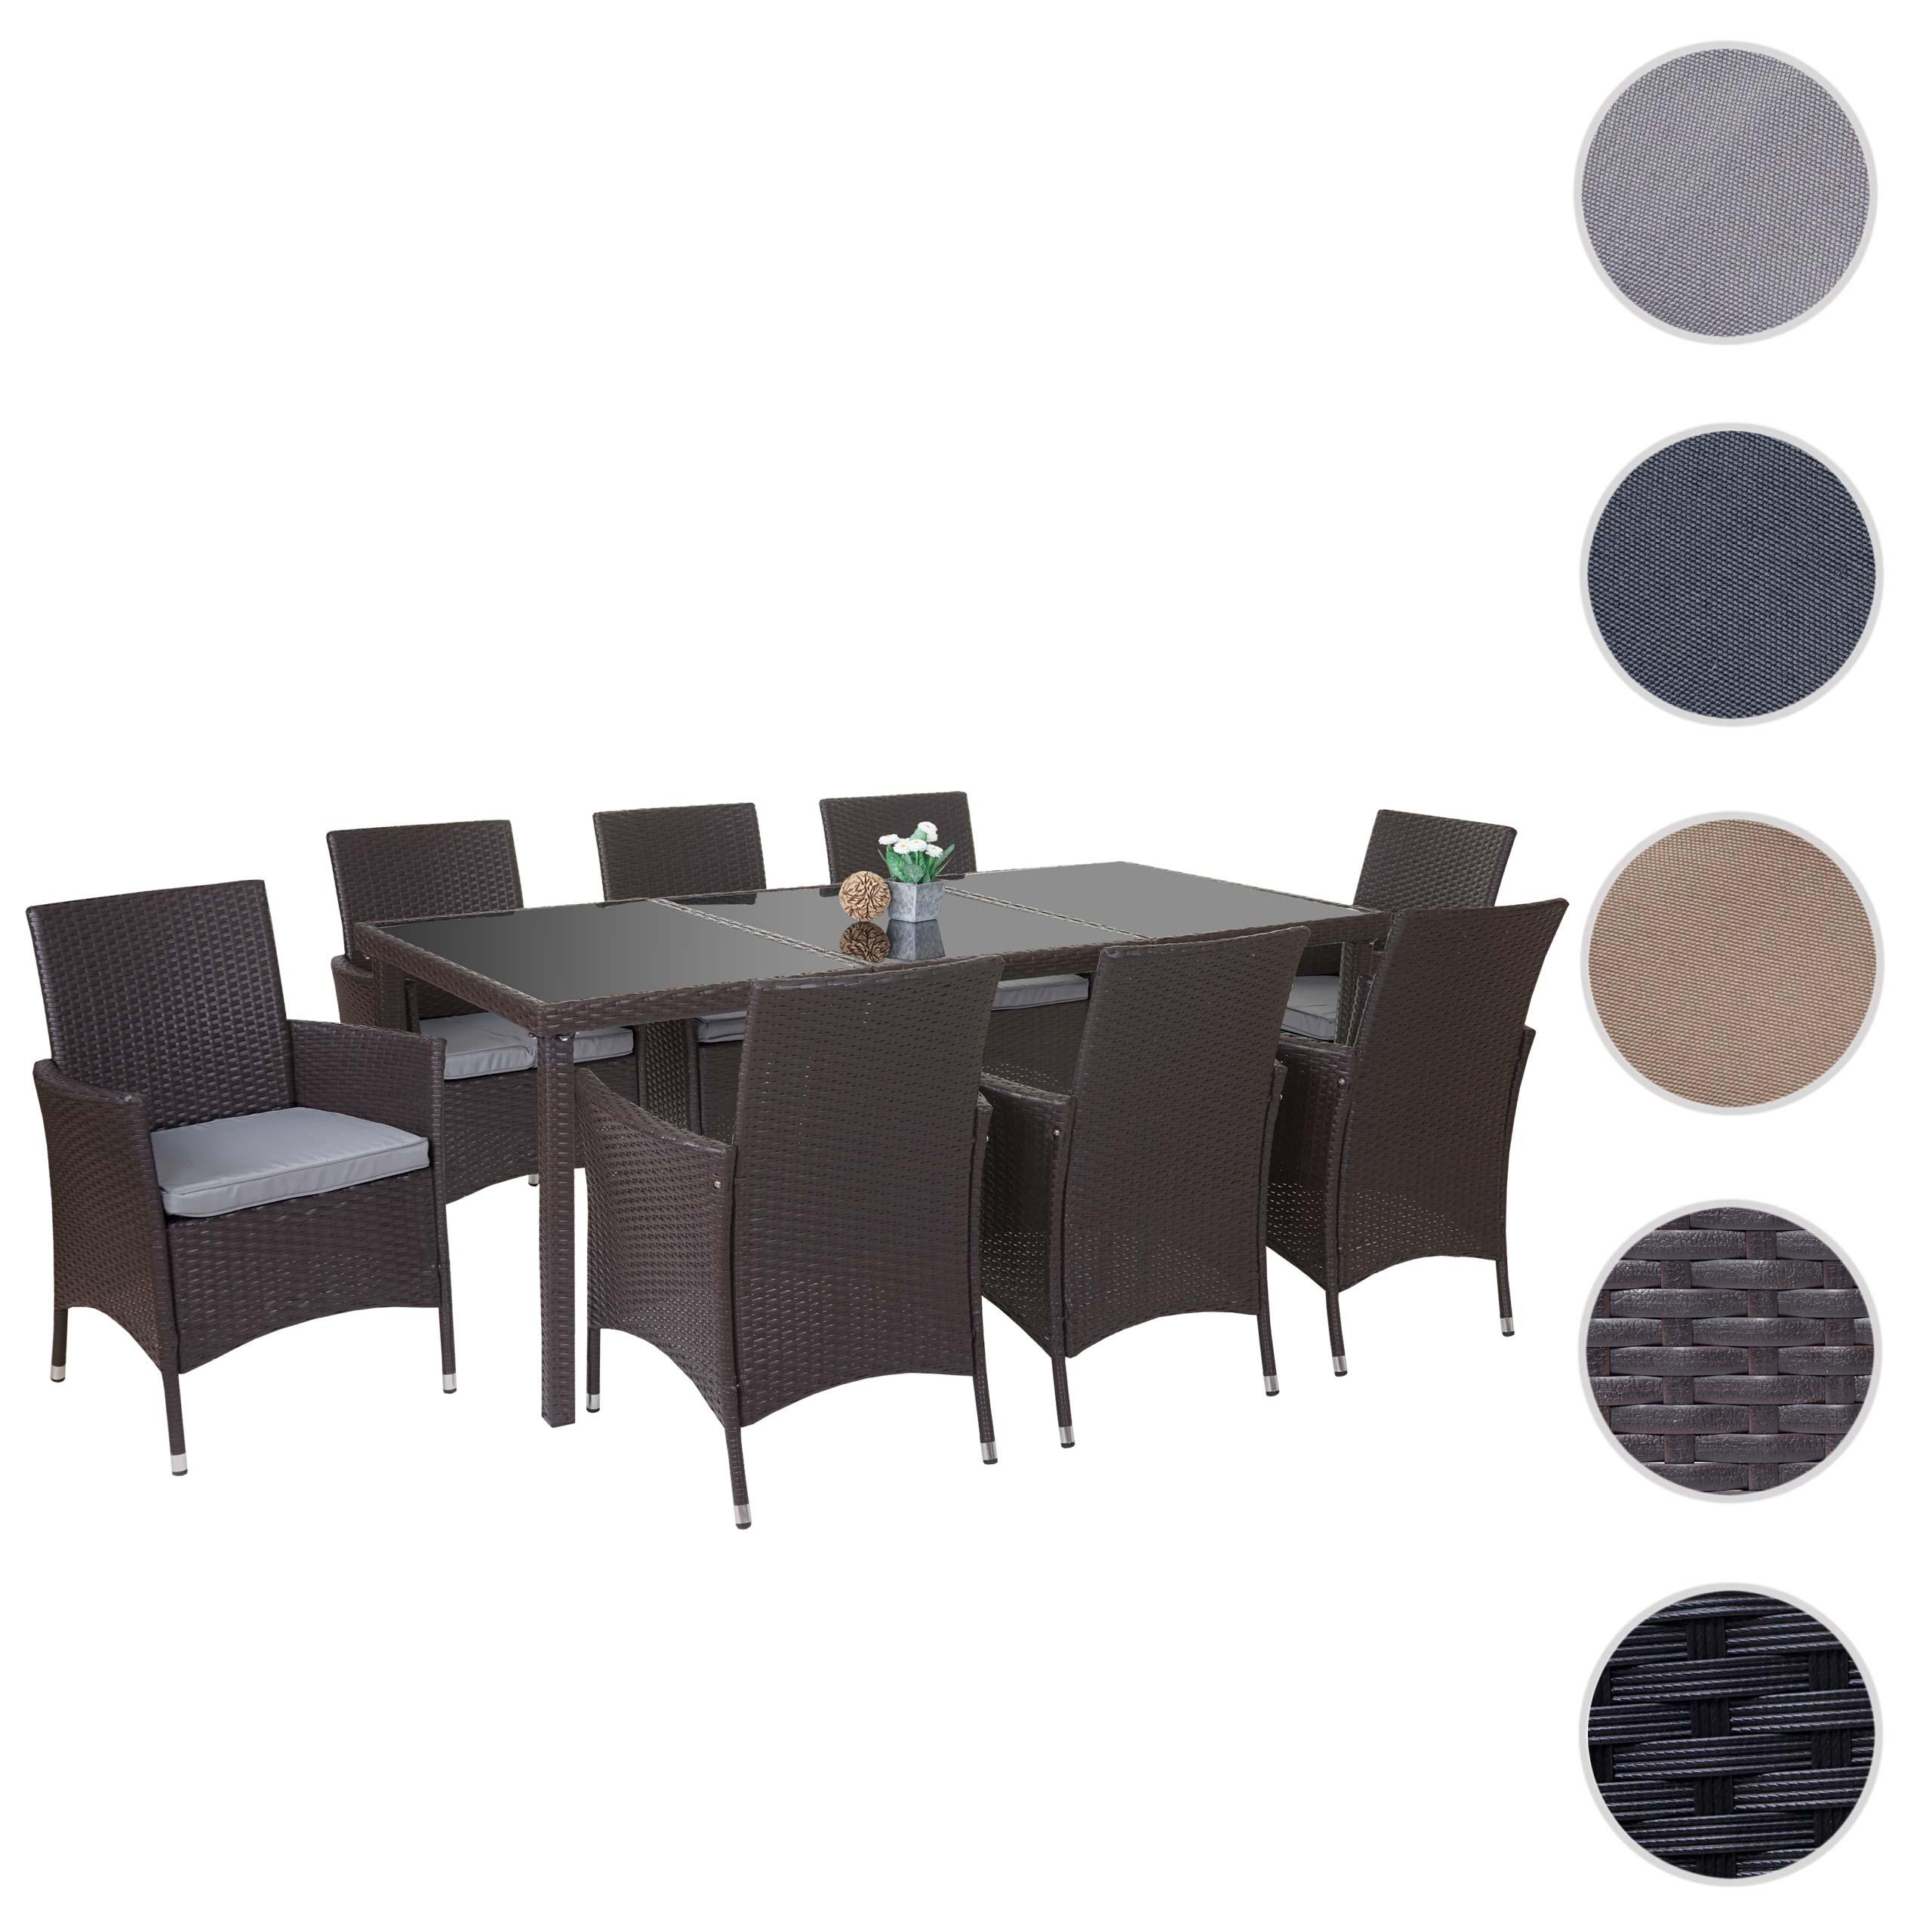 Mendler Poly Rattan Gartentisch Cava Esstisch Tisch Mit Glasplatte